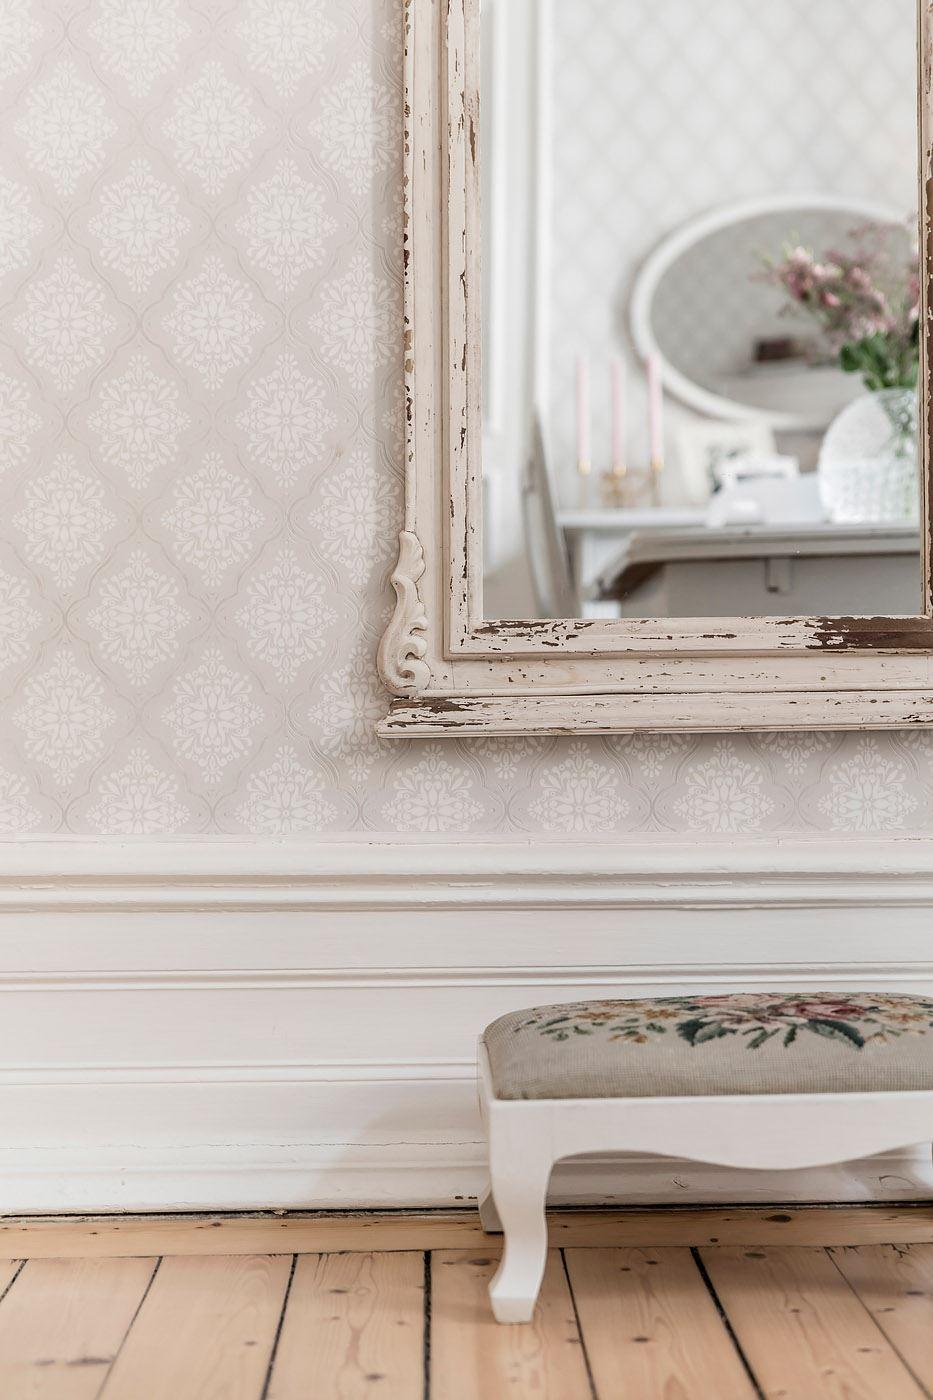 стена обои высокий плинтус настенное зеркало банкетка